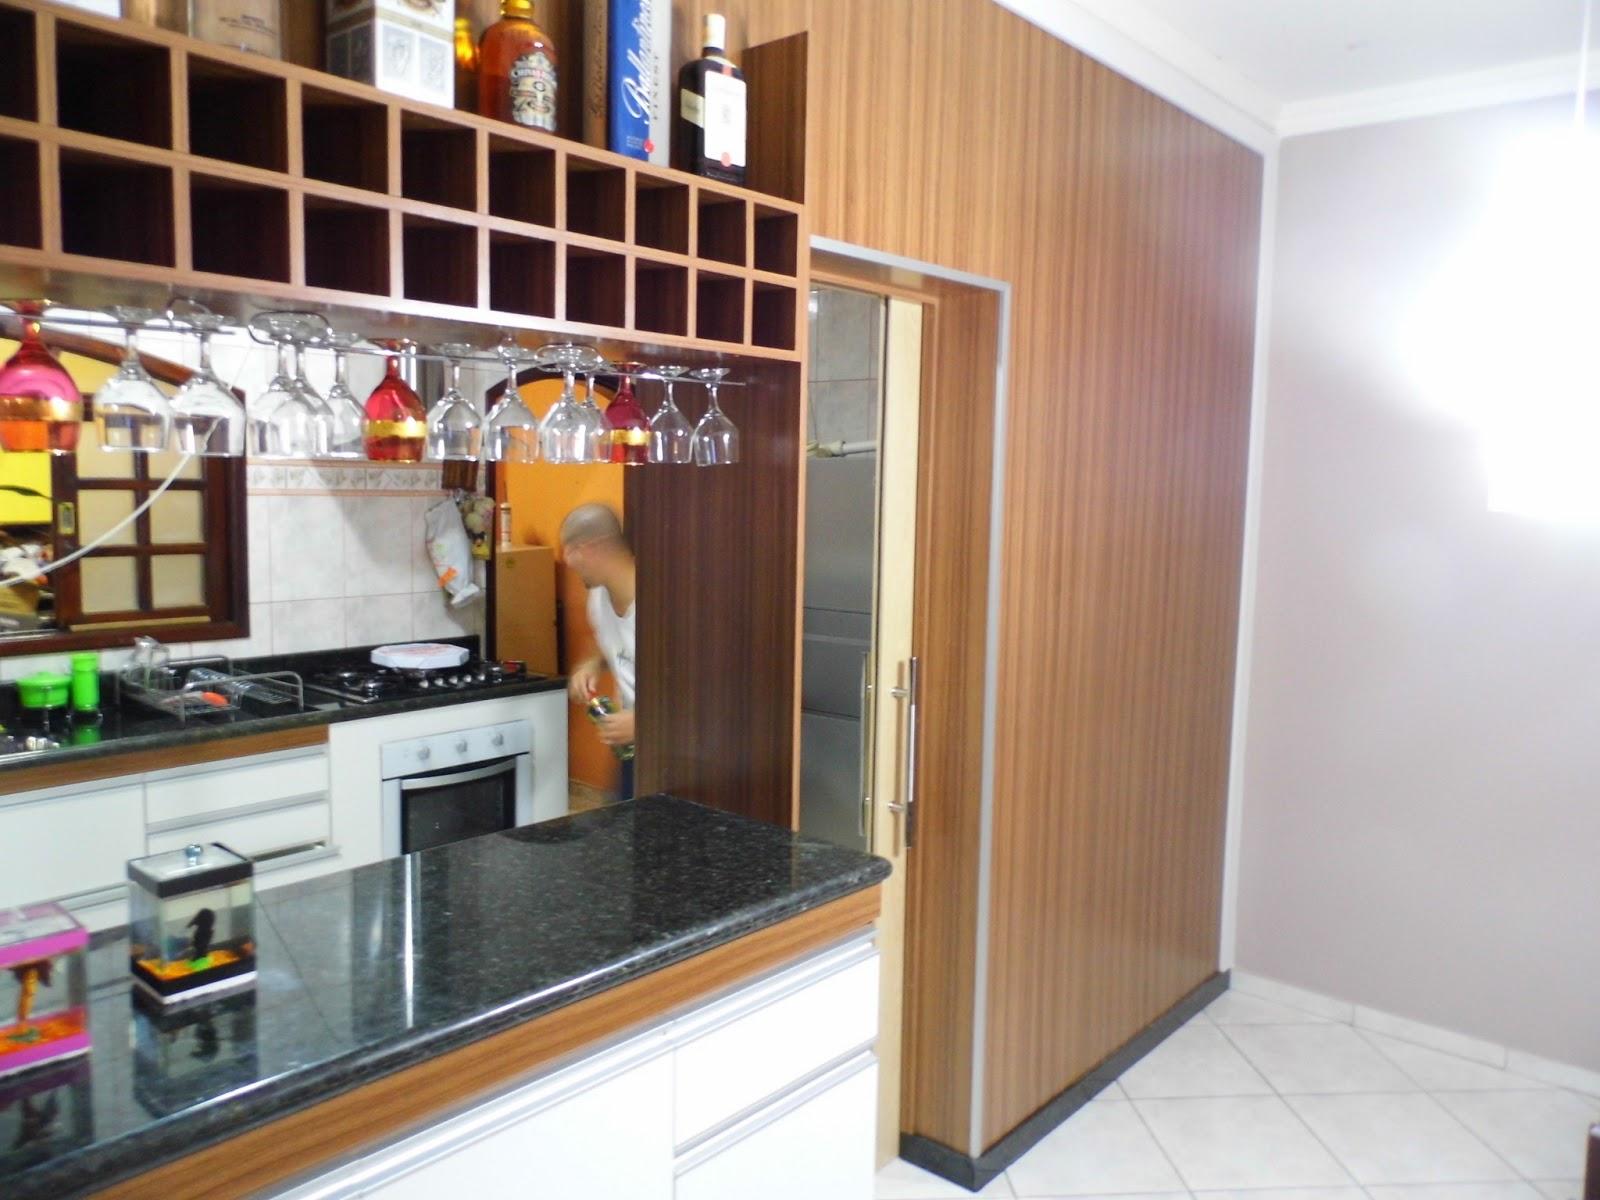 #9C662F balcão cozinha americana revestimentoIdéias de decoração para casa 1600x1200 px Fotos De Balcão De Granito Para Cozinha Americana_3445 Imagens